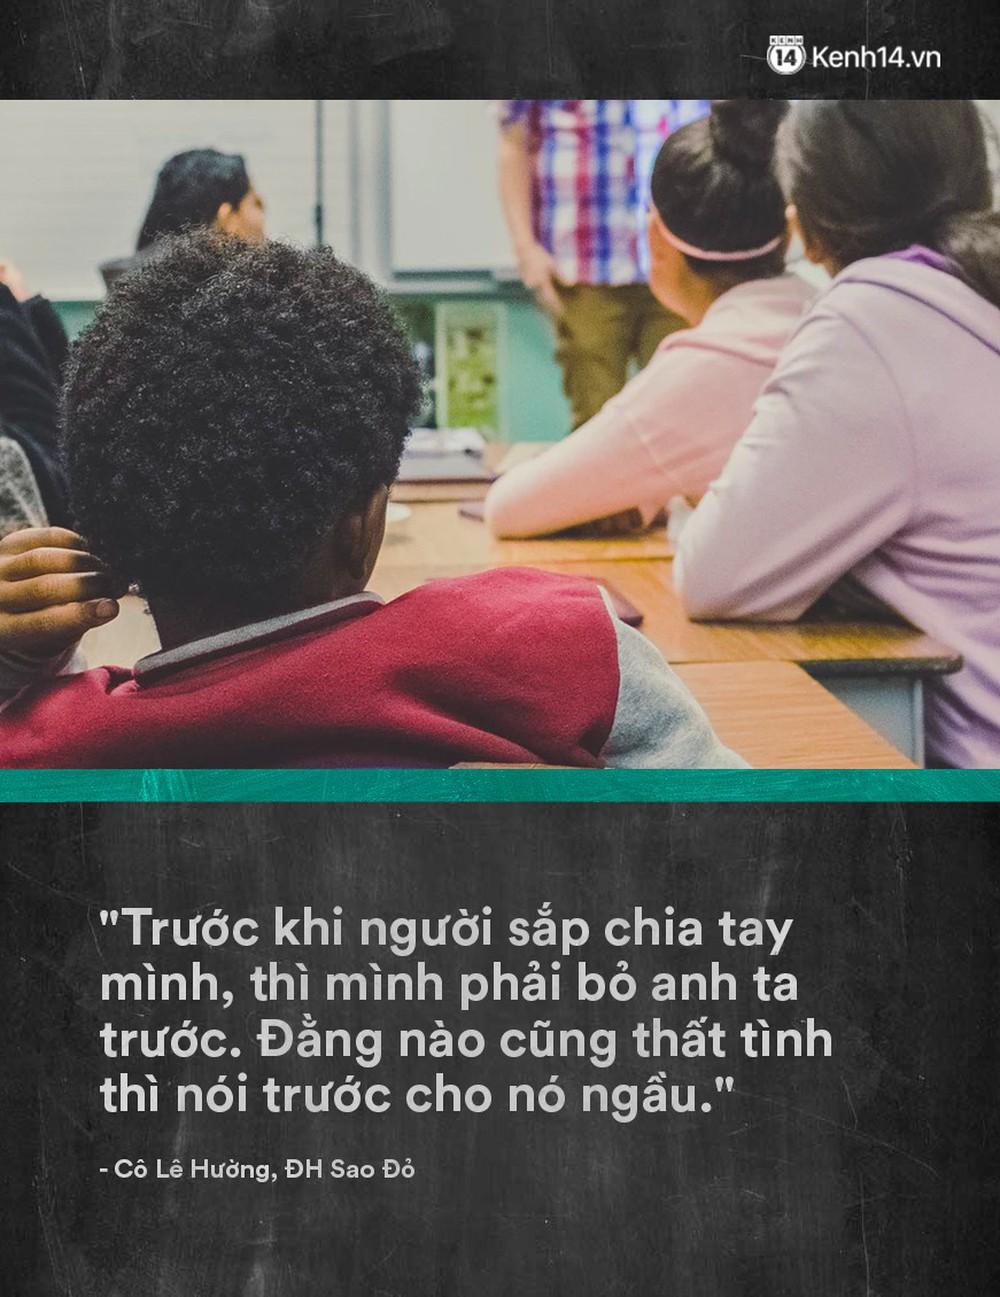 Loạt phát ngôn bá đạo của các thầy cô khiến học sinh chỉ biết câm nín - Ảnh 1.